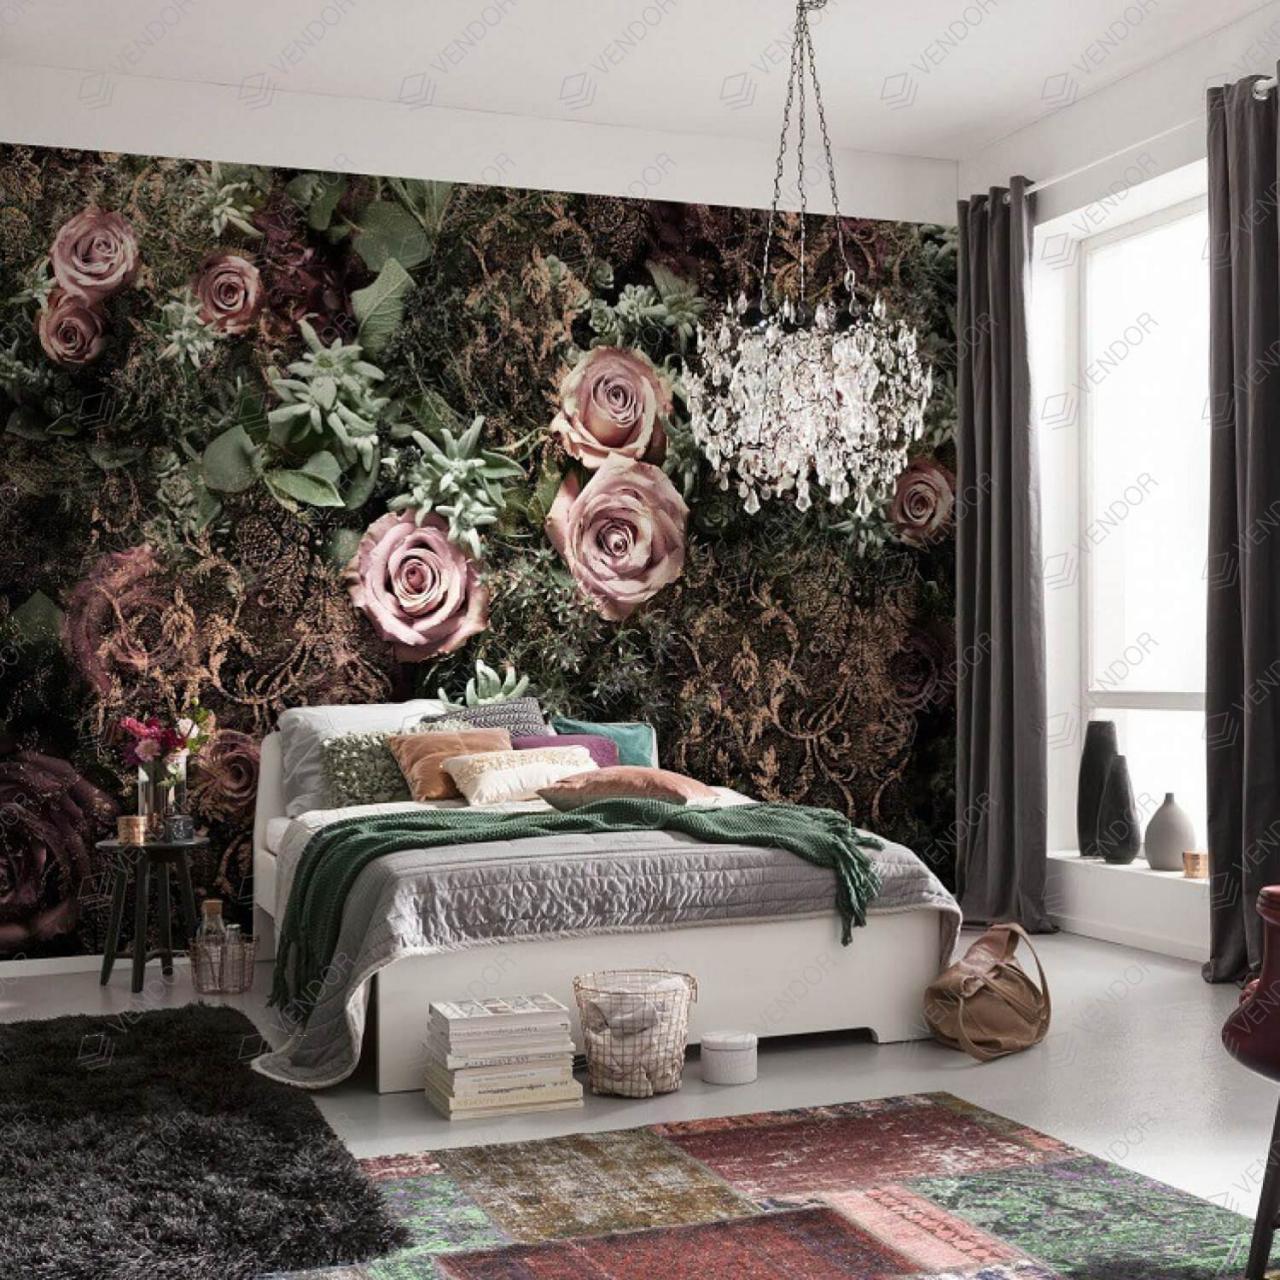 صورة رسومات حائط لغرف النوم , لتزين غرف النوم باجمل الرسومات 2251 1